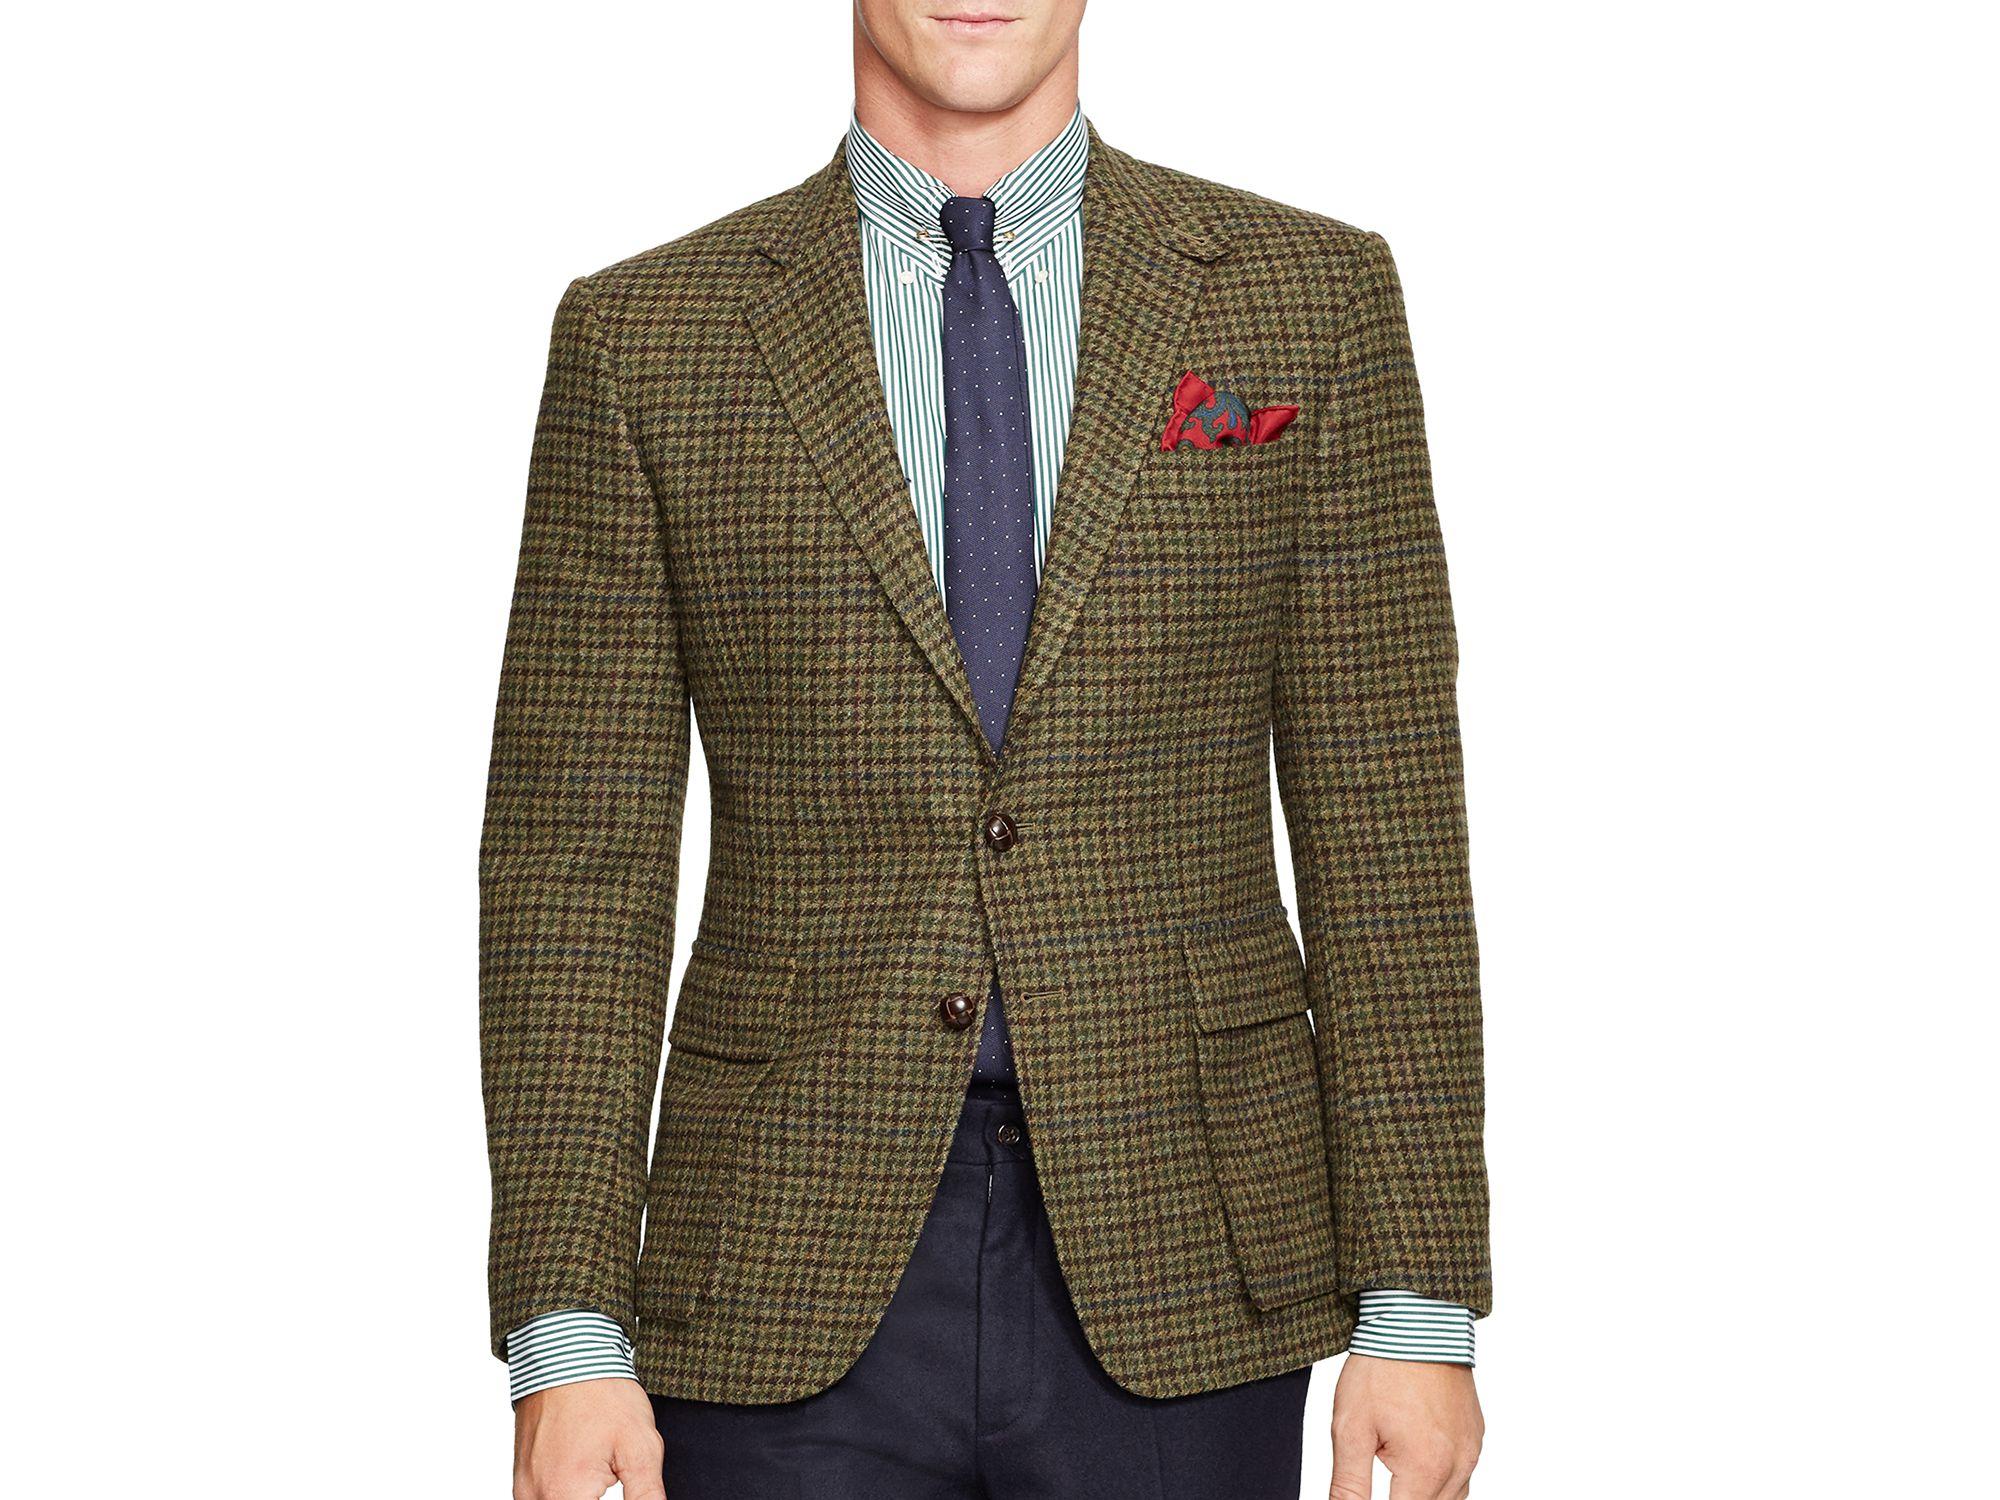 Ralph lauren Polo Guncheck Bedford Sport Coat in Green for Men | Lyst